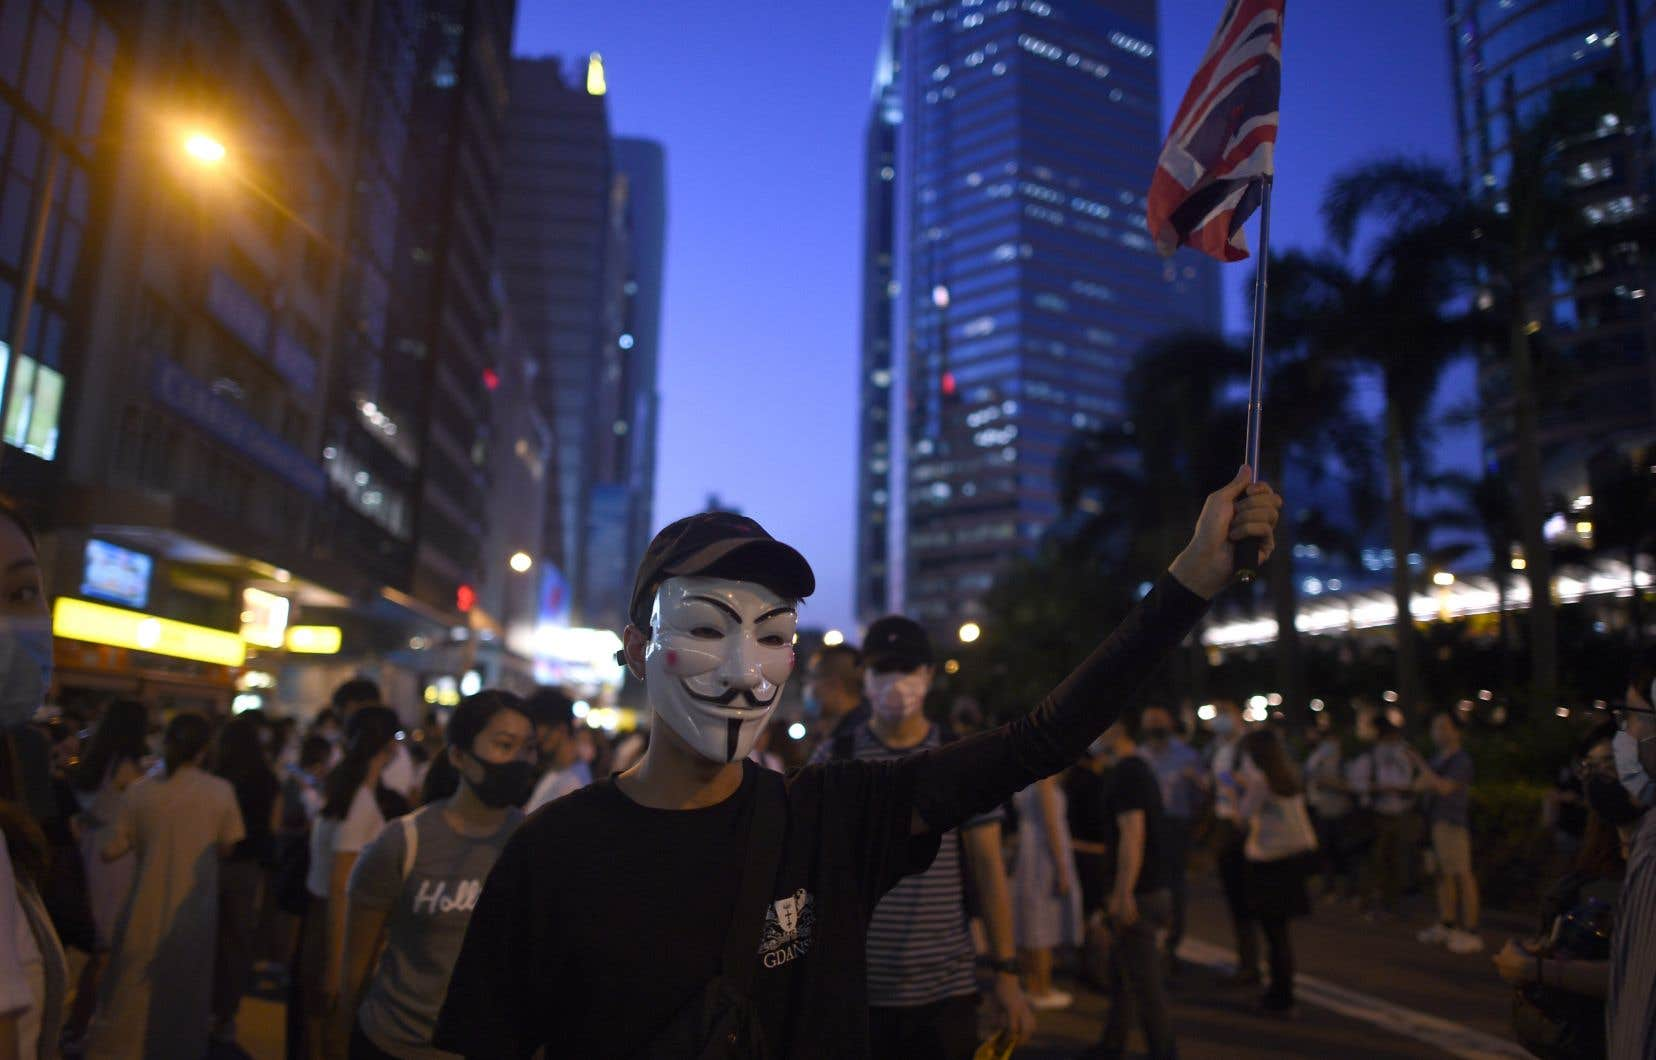 Pour ne pas être identifiés et éviter les poursuites judiciaires, les manifestants hongkongais ont depuis juin pris l'habitude de défiler le visage masqué.